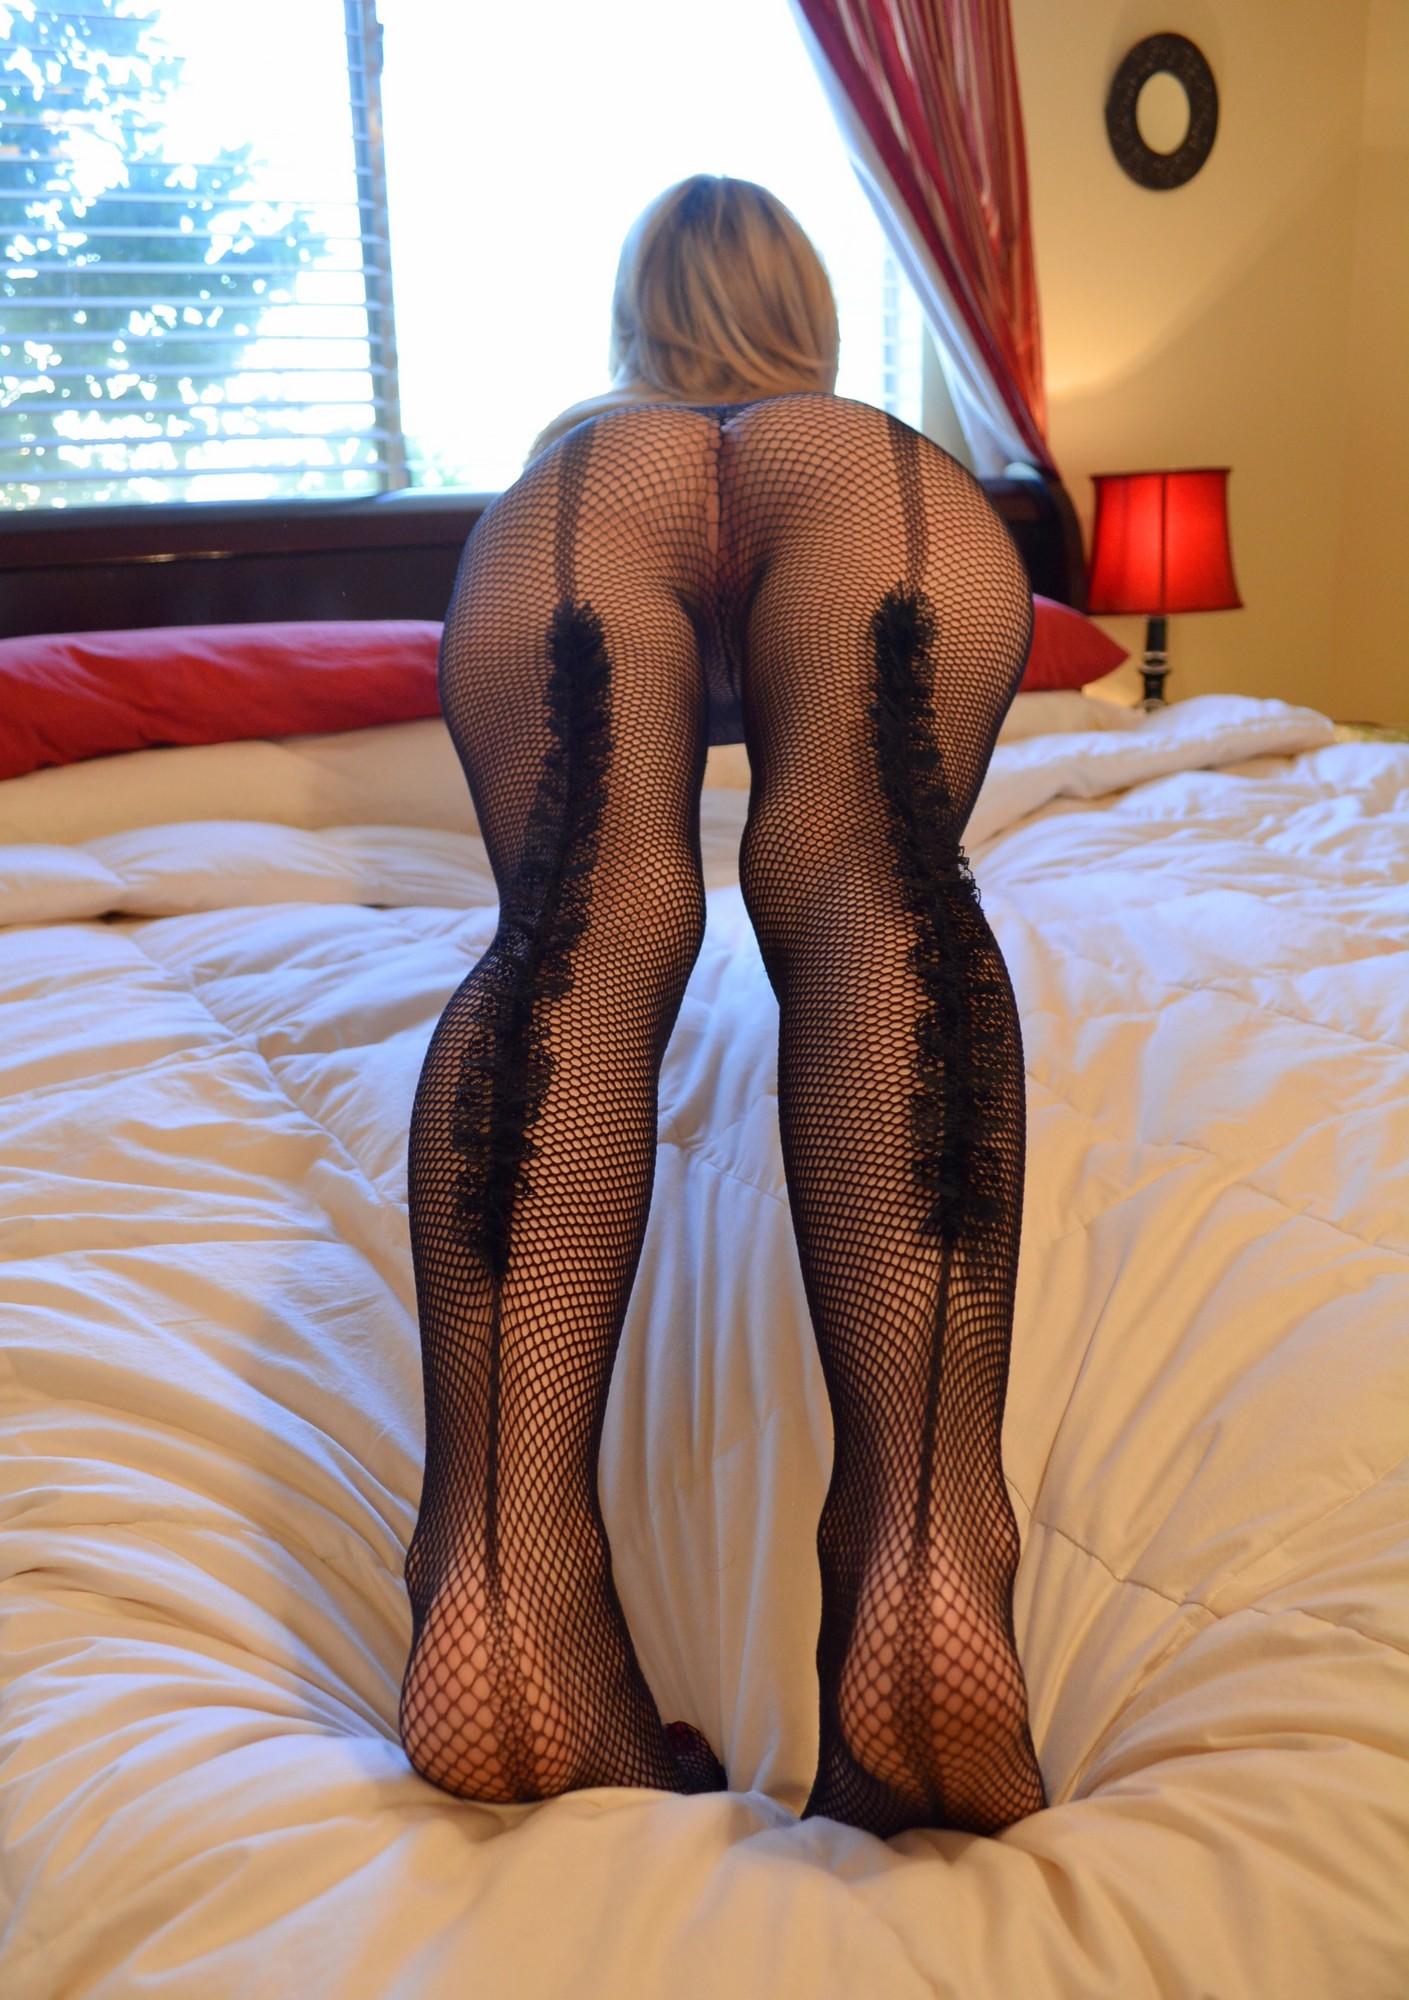 Блондинка в сексуальных чулках засунула в пизду резиновый член